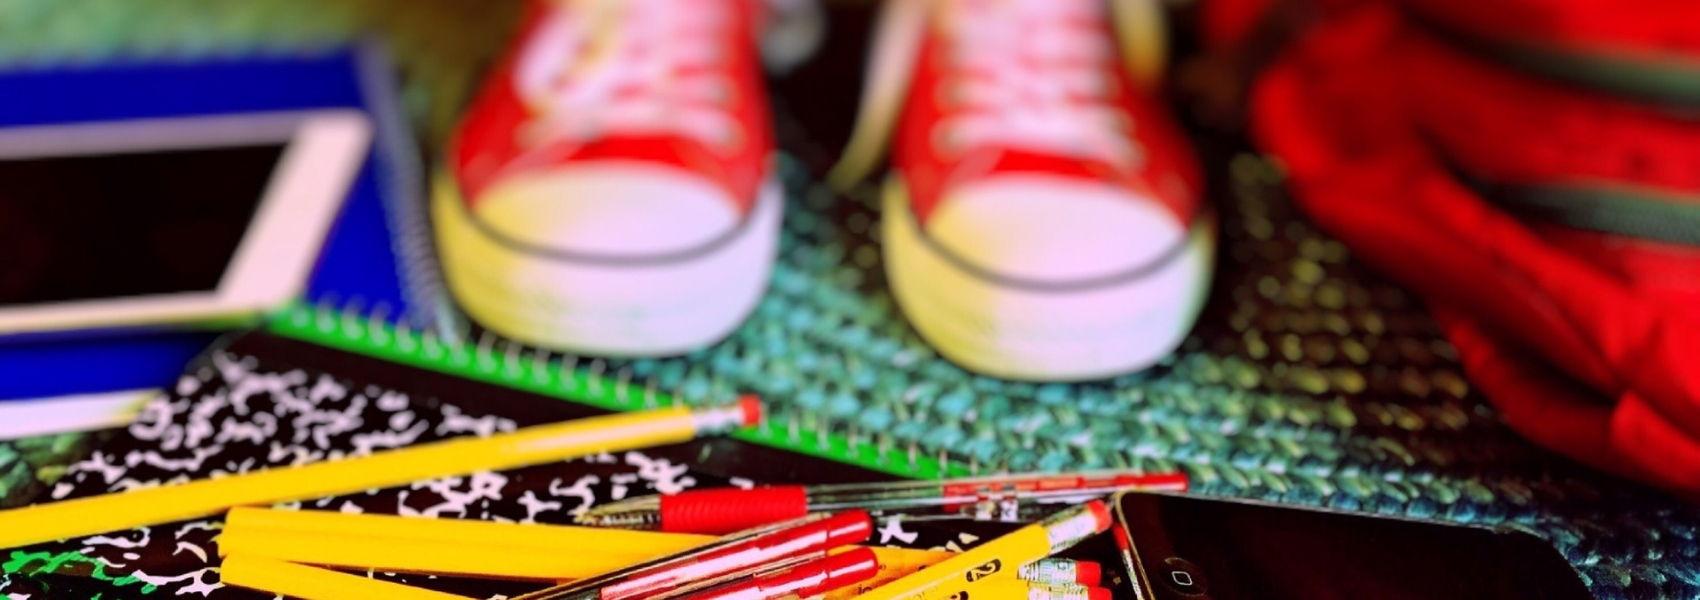 projeto quer alunos a lançar novo medicamento